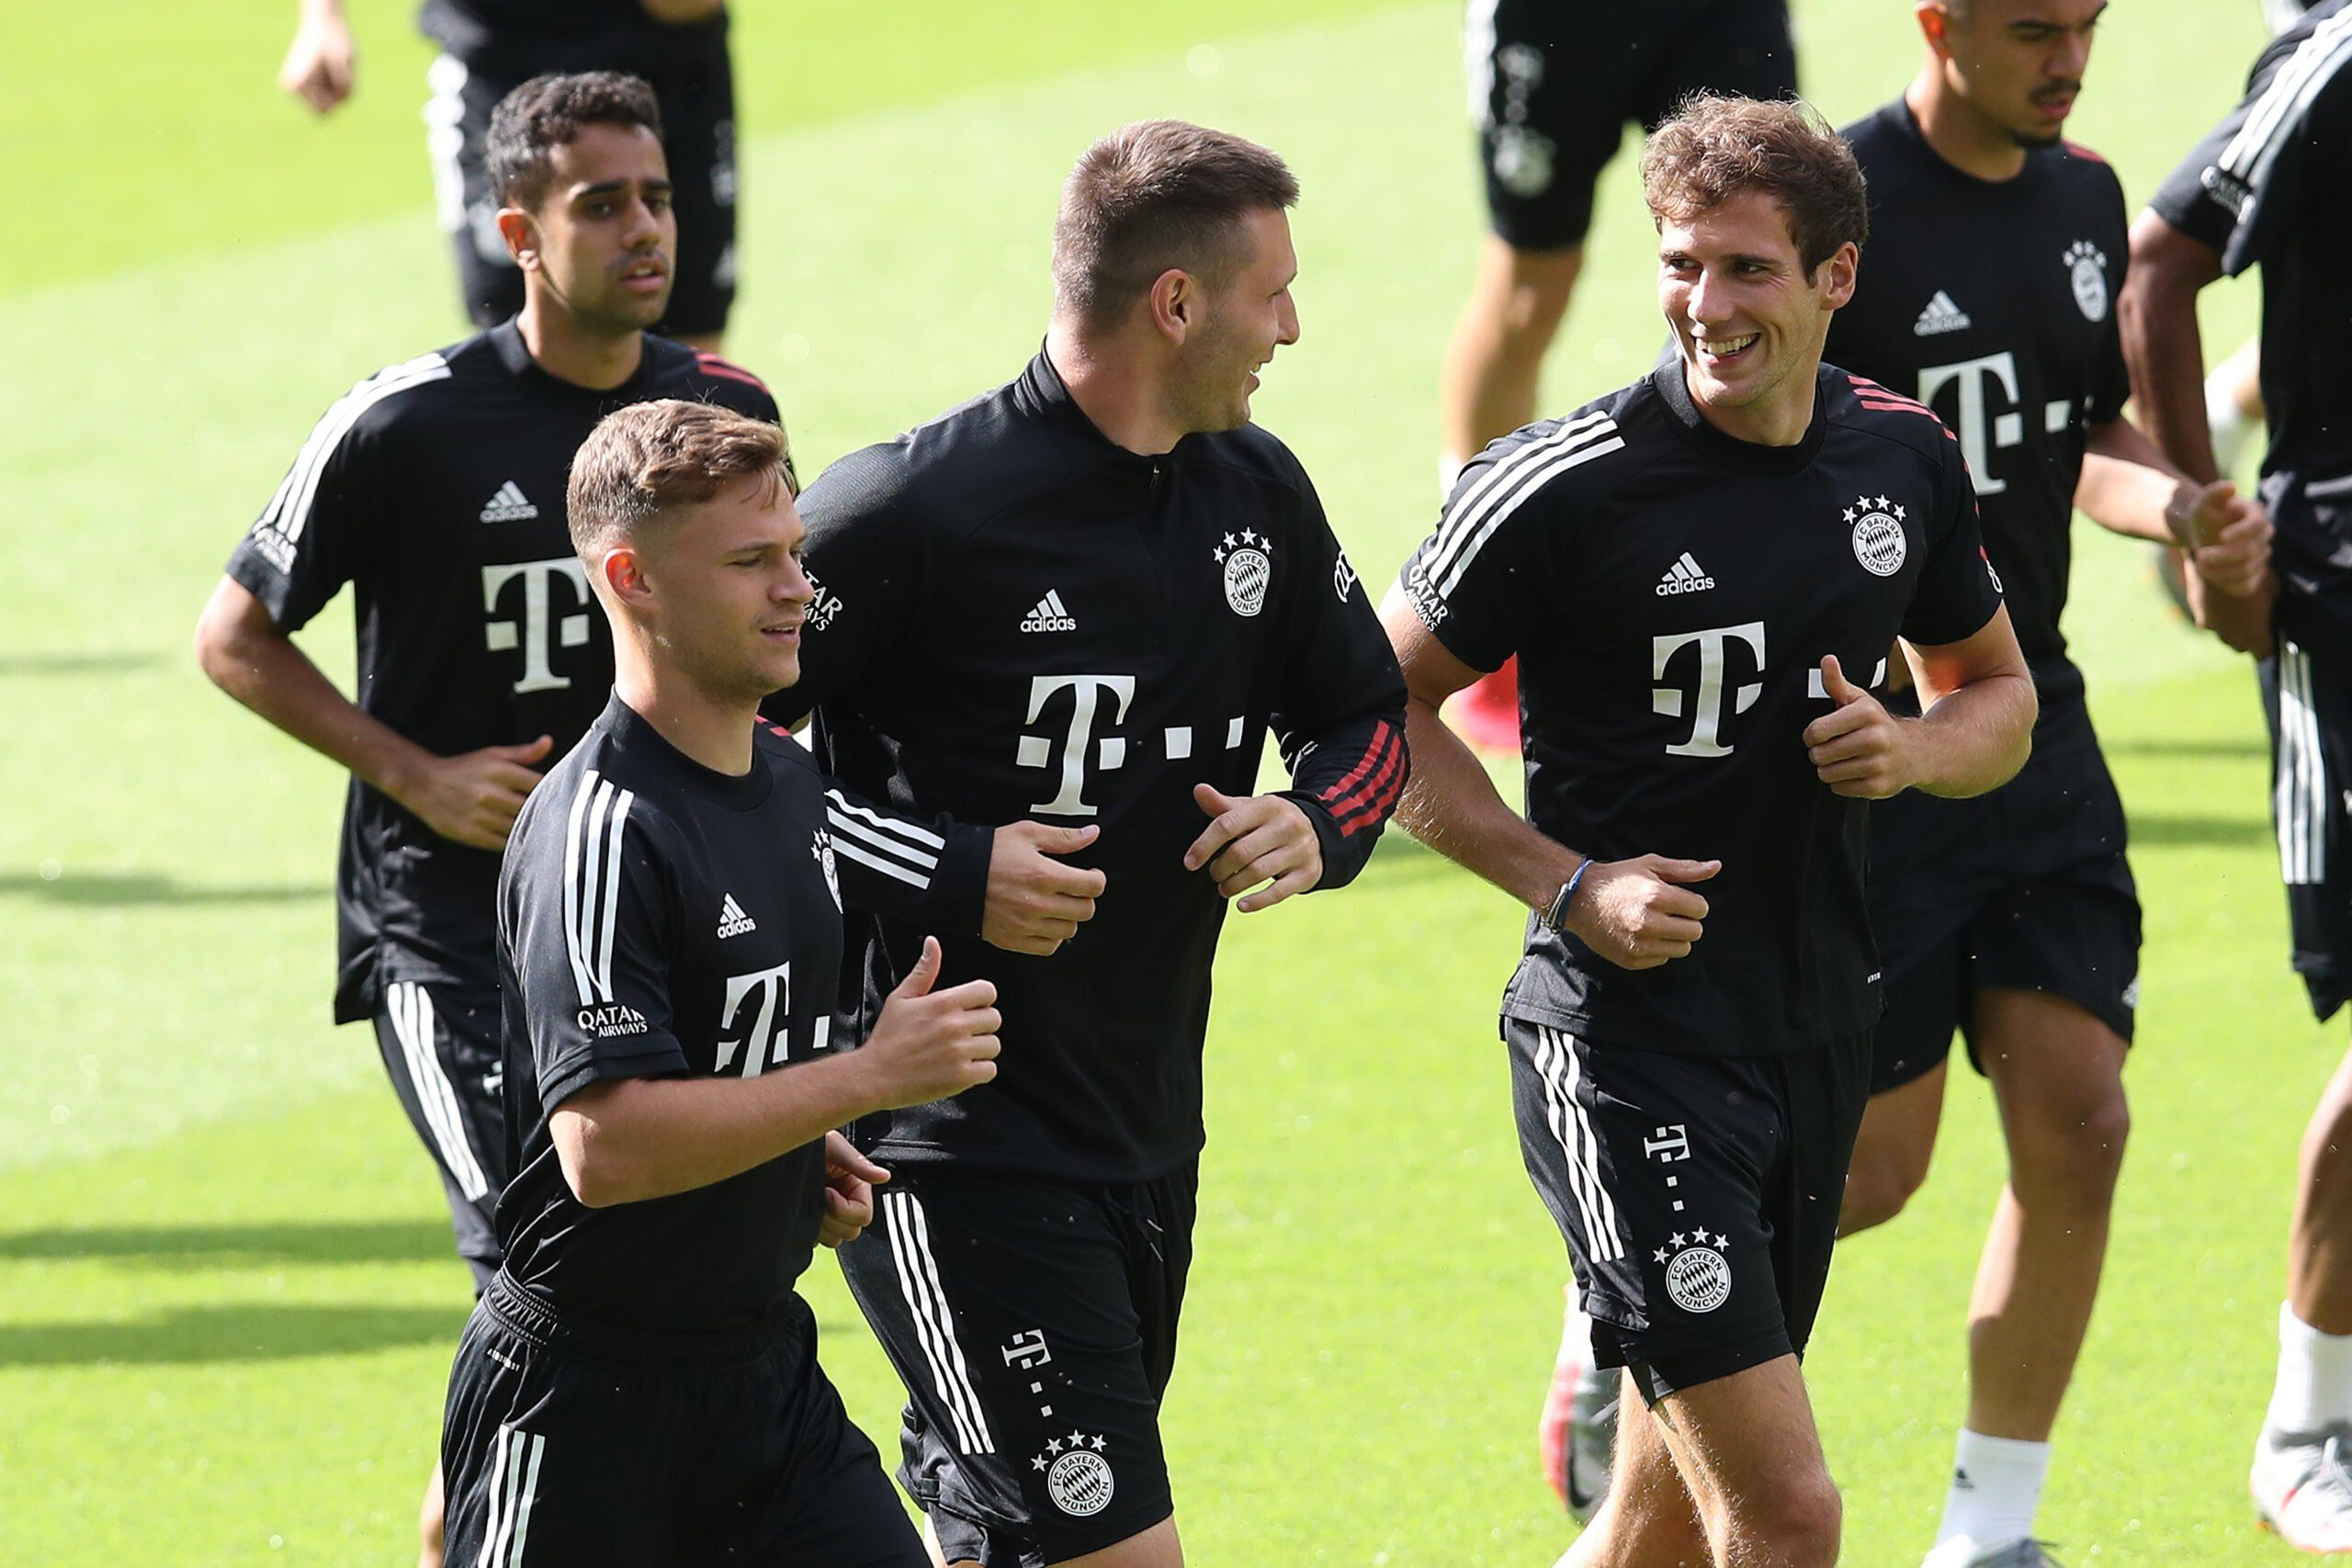 Corona-Schock: Bayern muss vorerst auf Mittelfeldduo verzichten